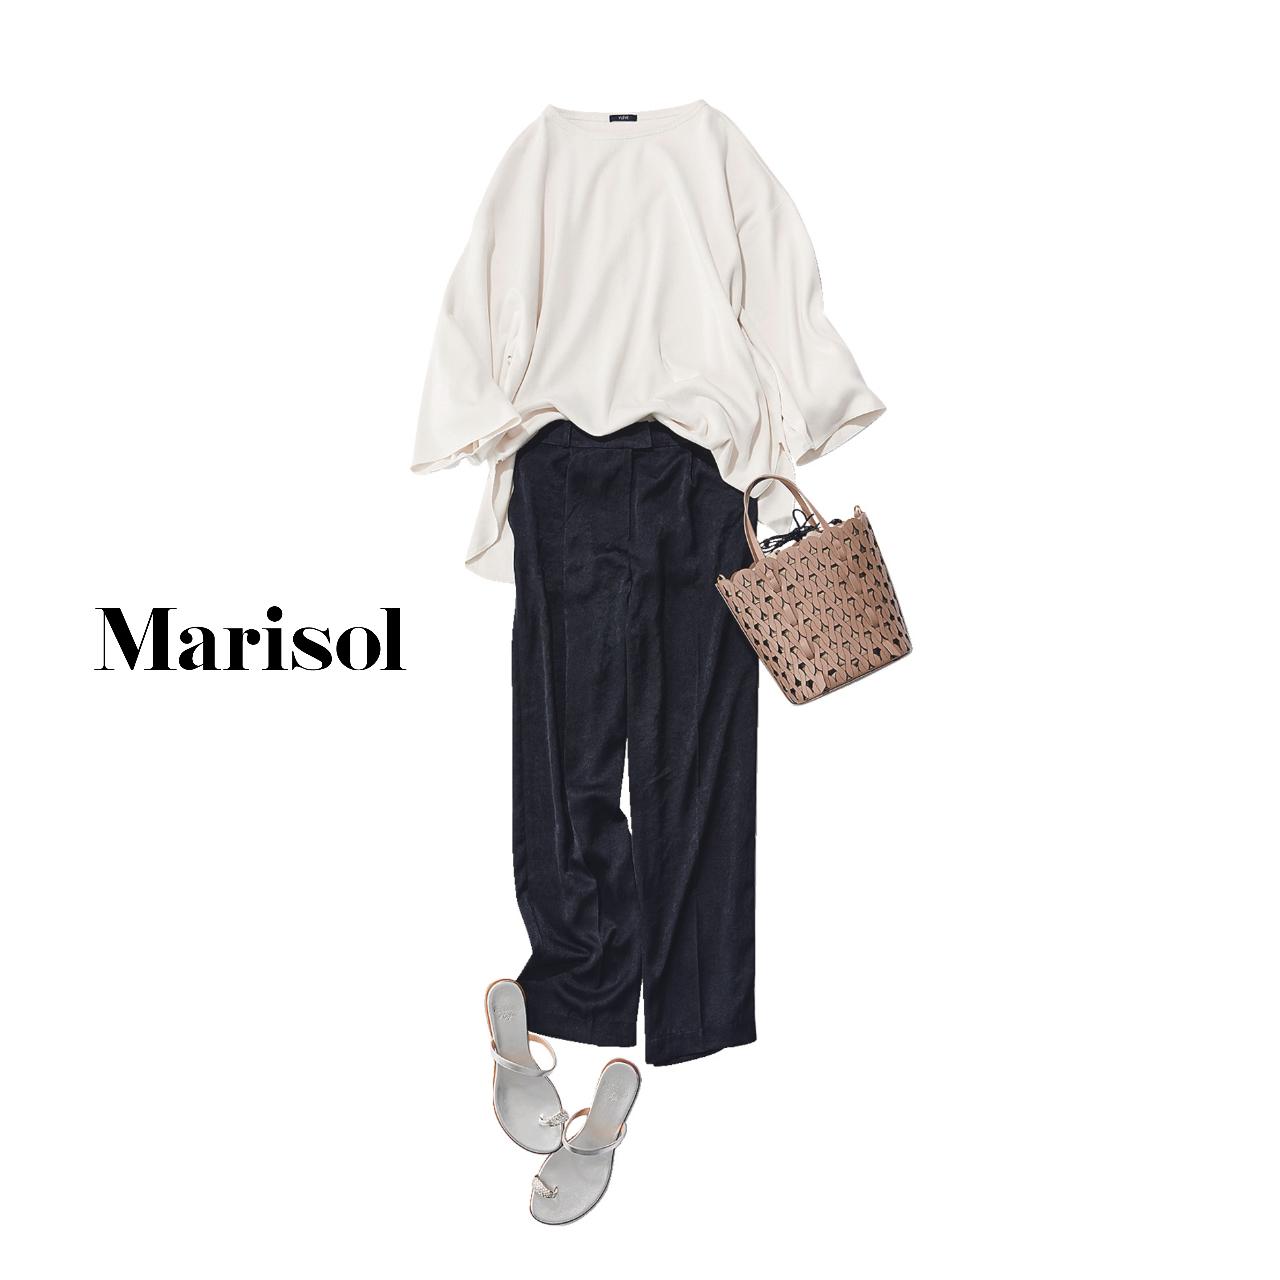 40代ファッション   白カットソー×黒パンツ×サンダルコーデ